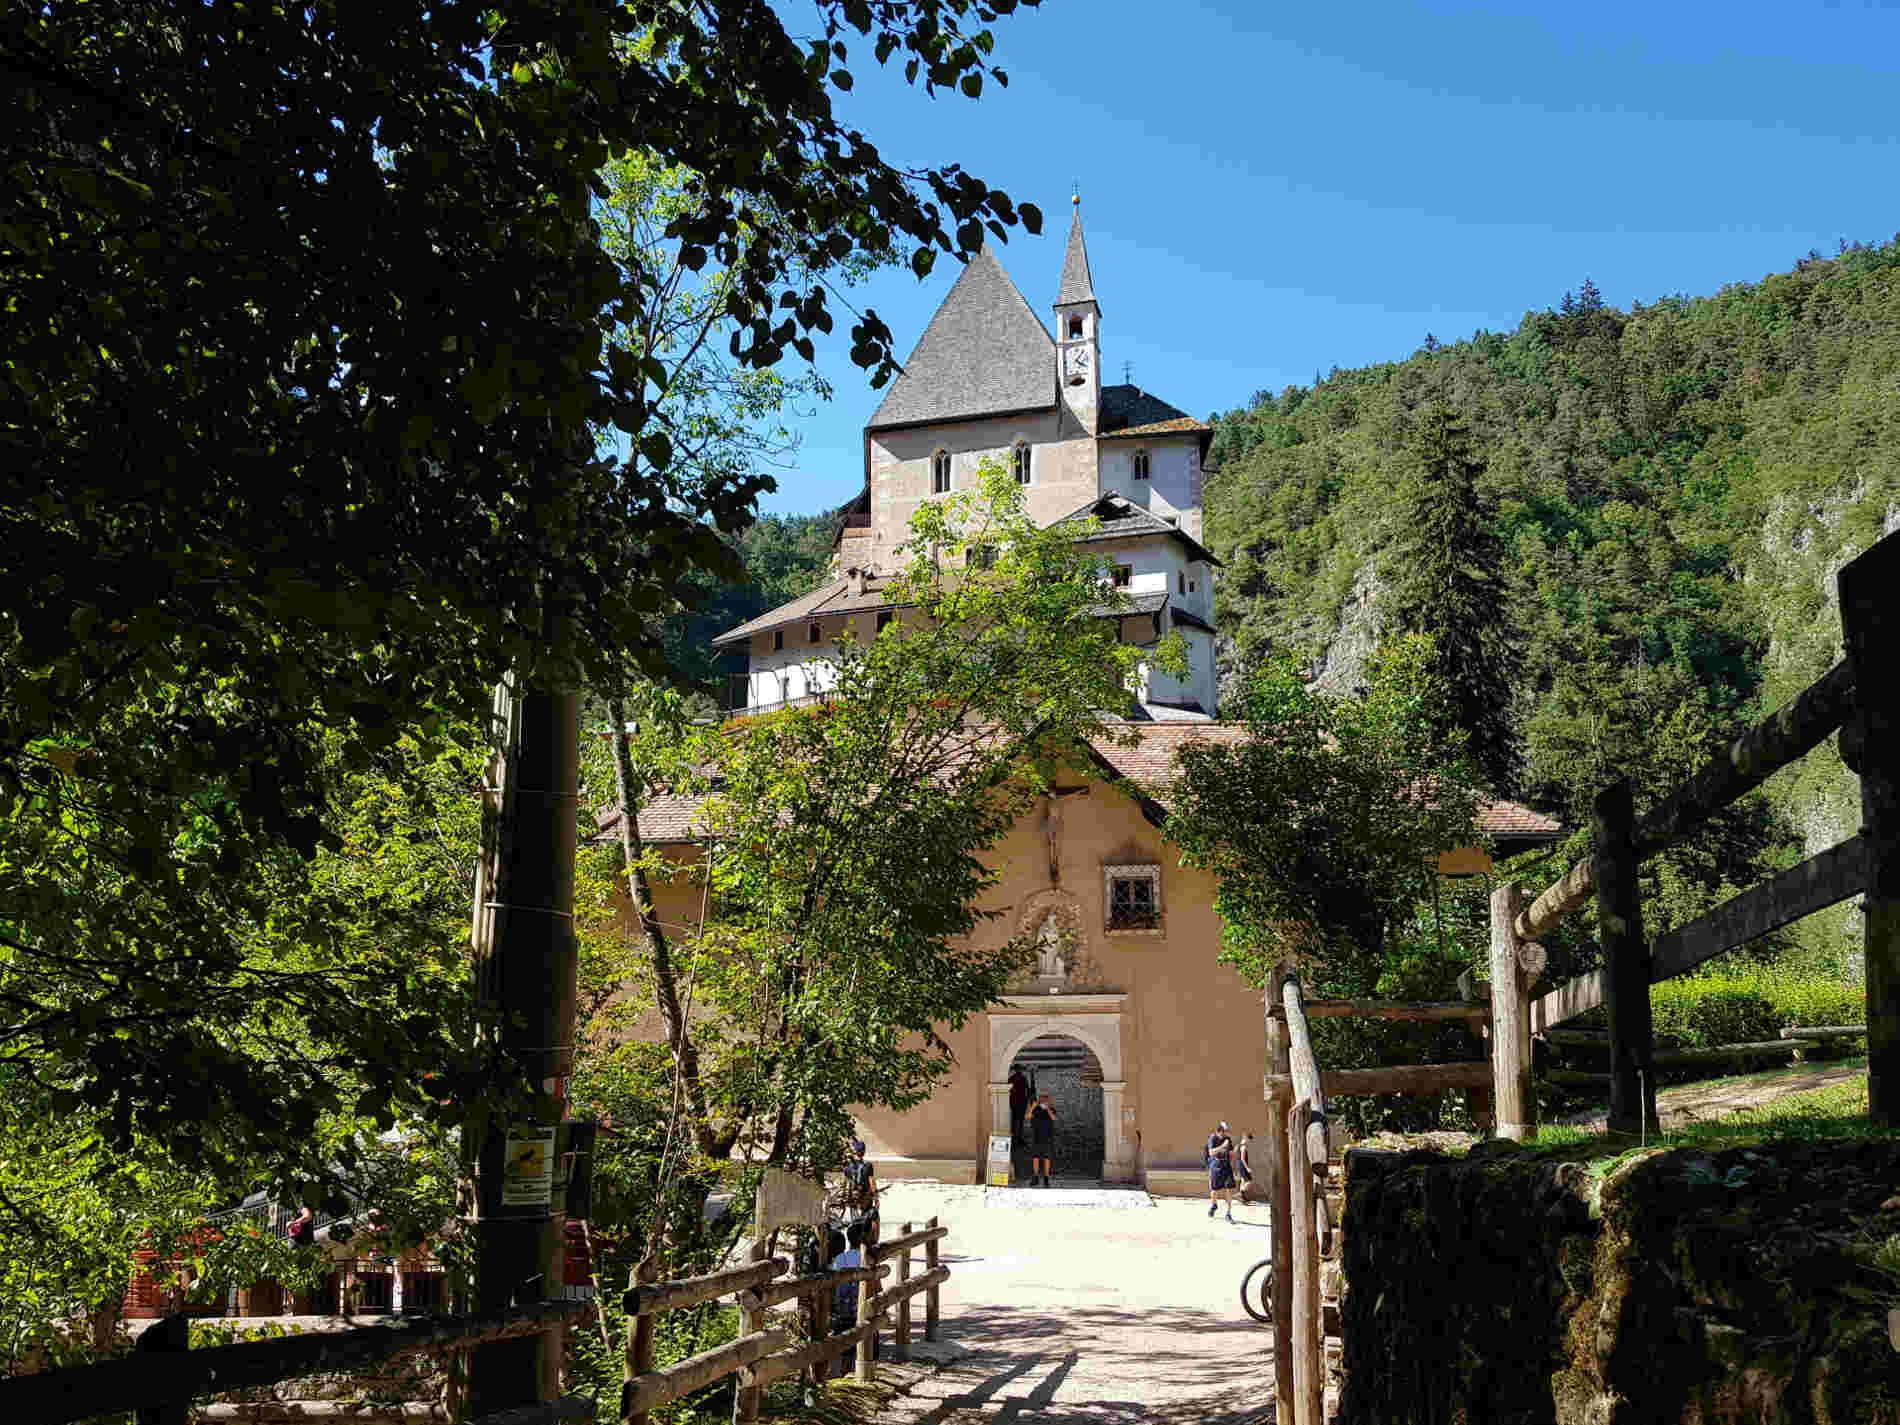 ingresso al Santuario di San Romedio in Trentino